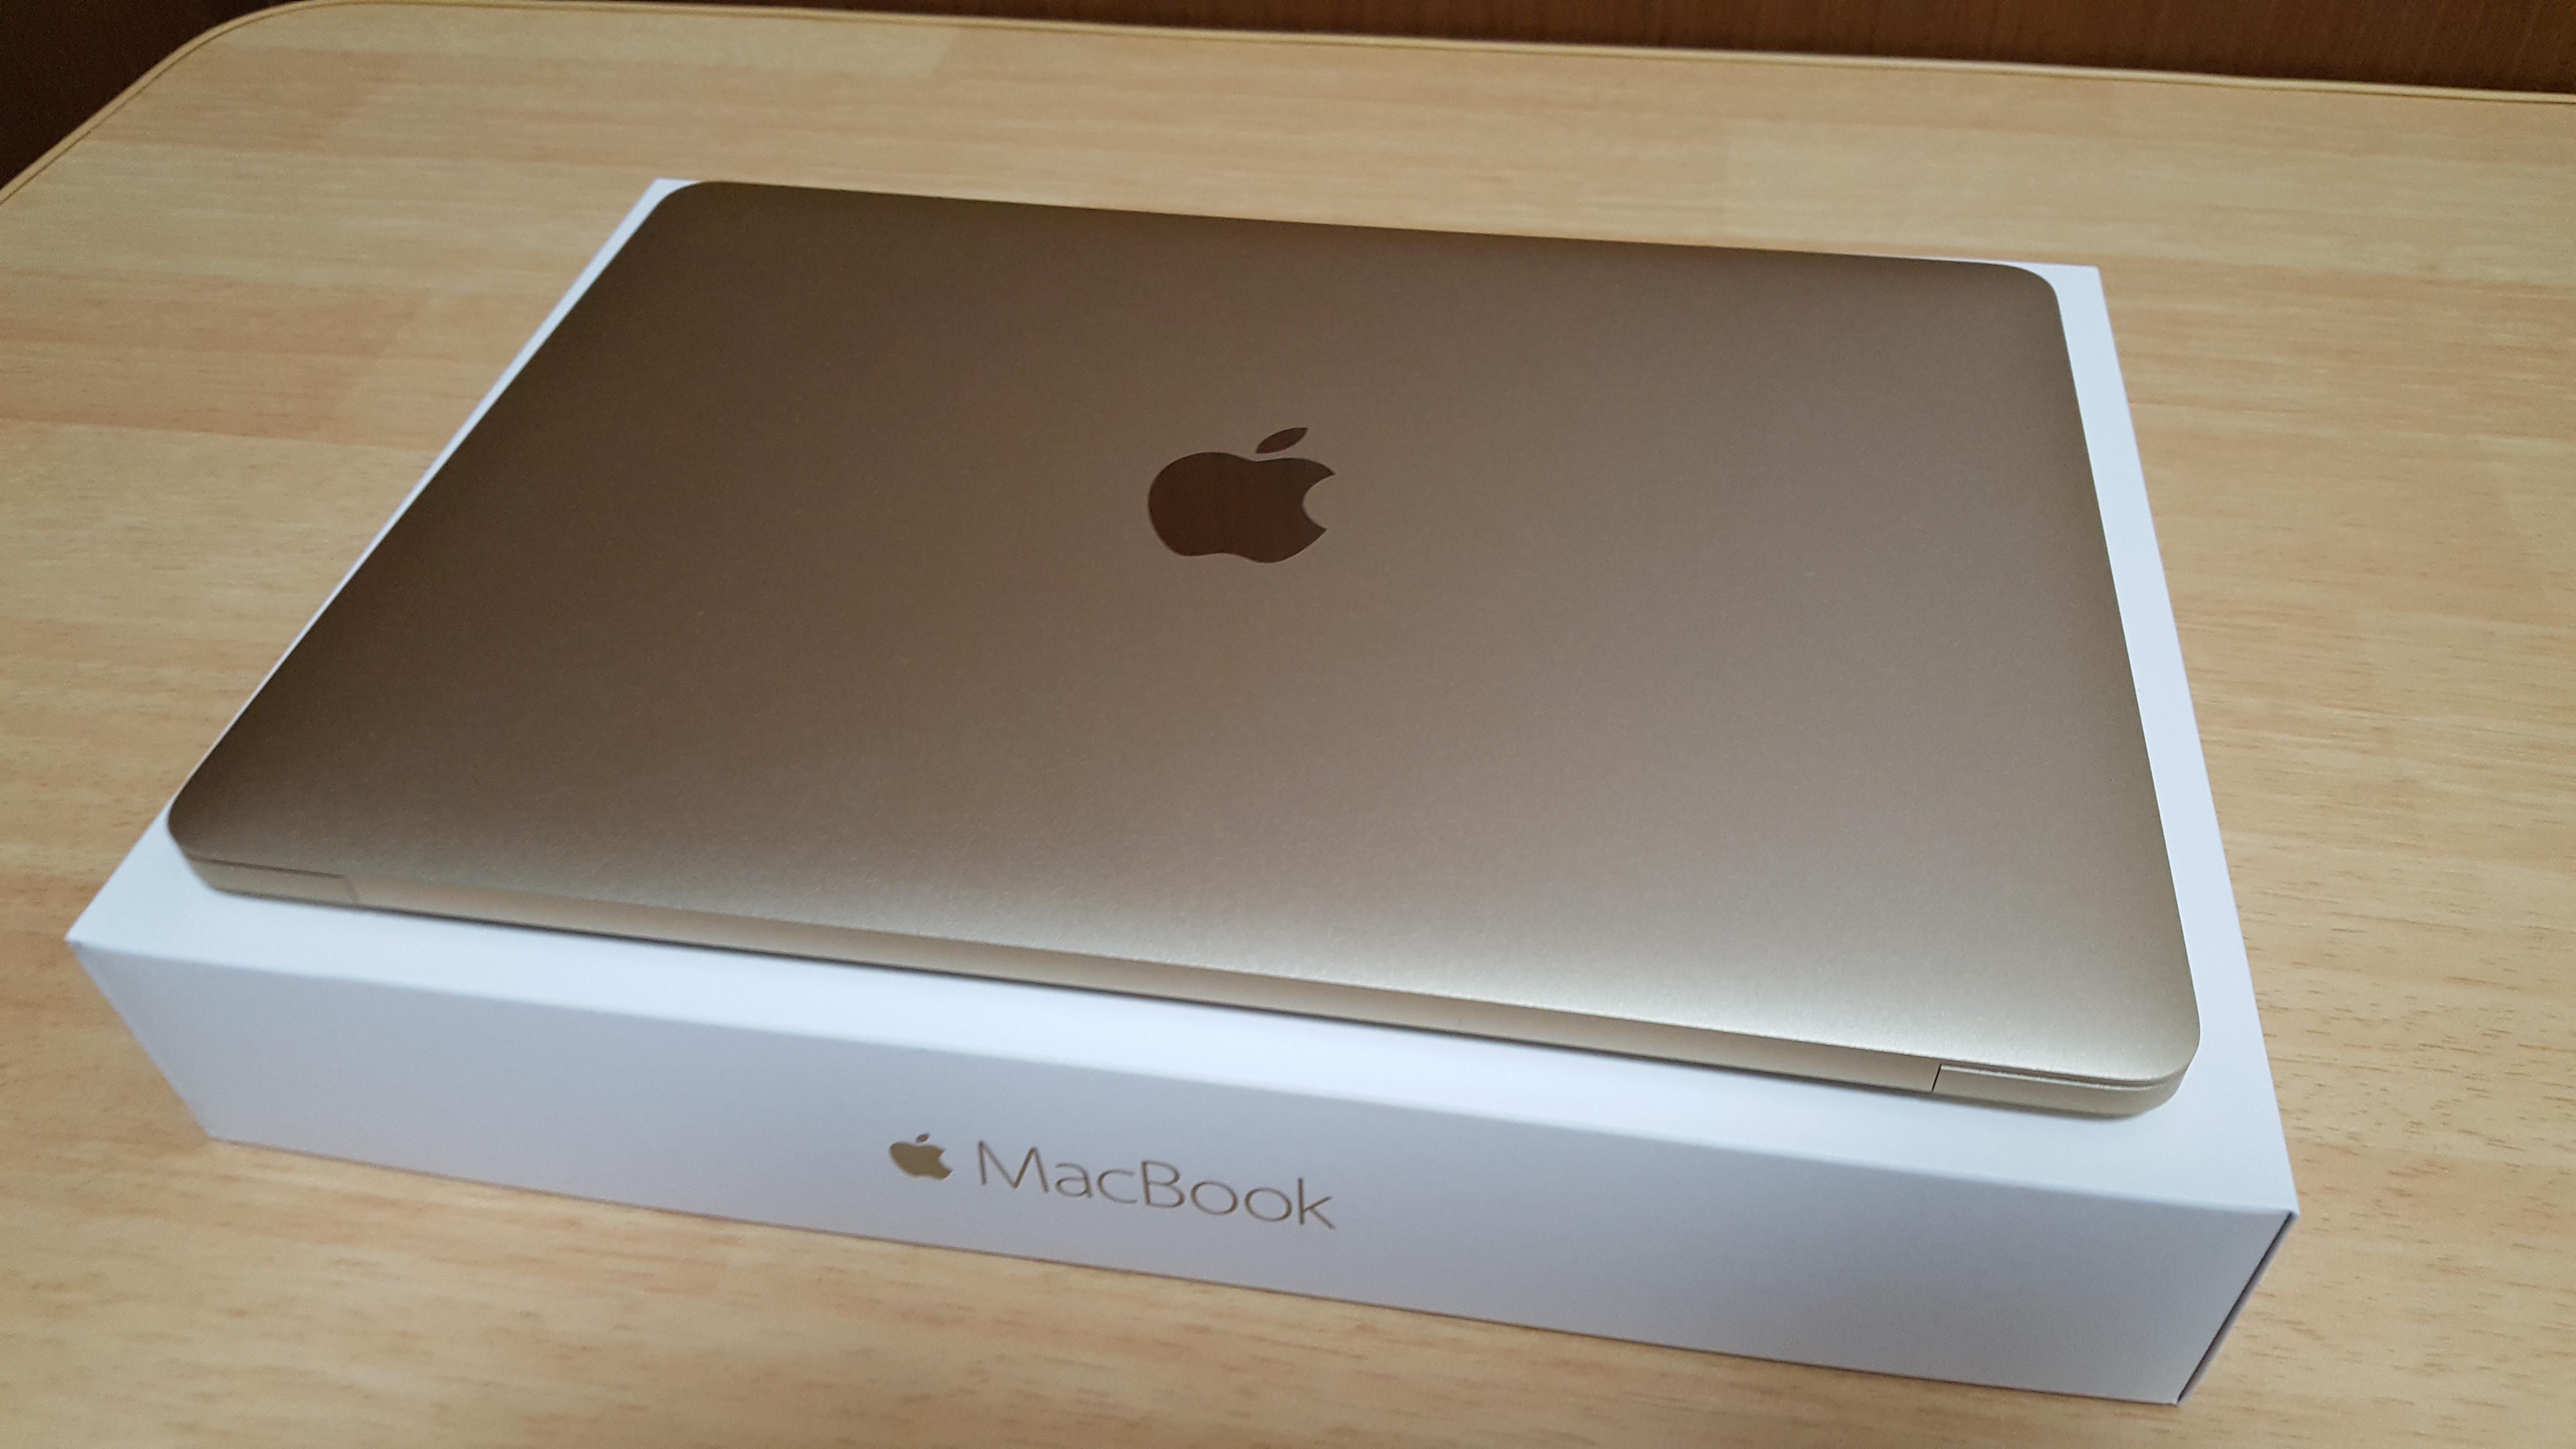 MacBook (2016) レビュー【前編】 洗練された究極のミニマルデザインが美しすぎる。